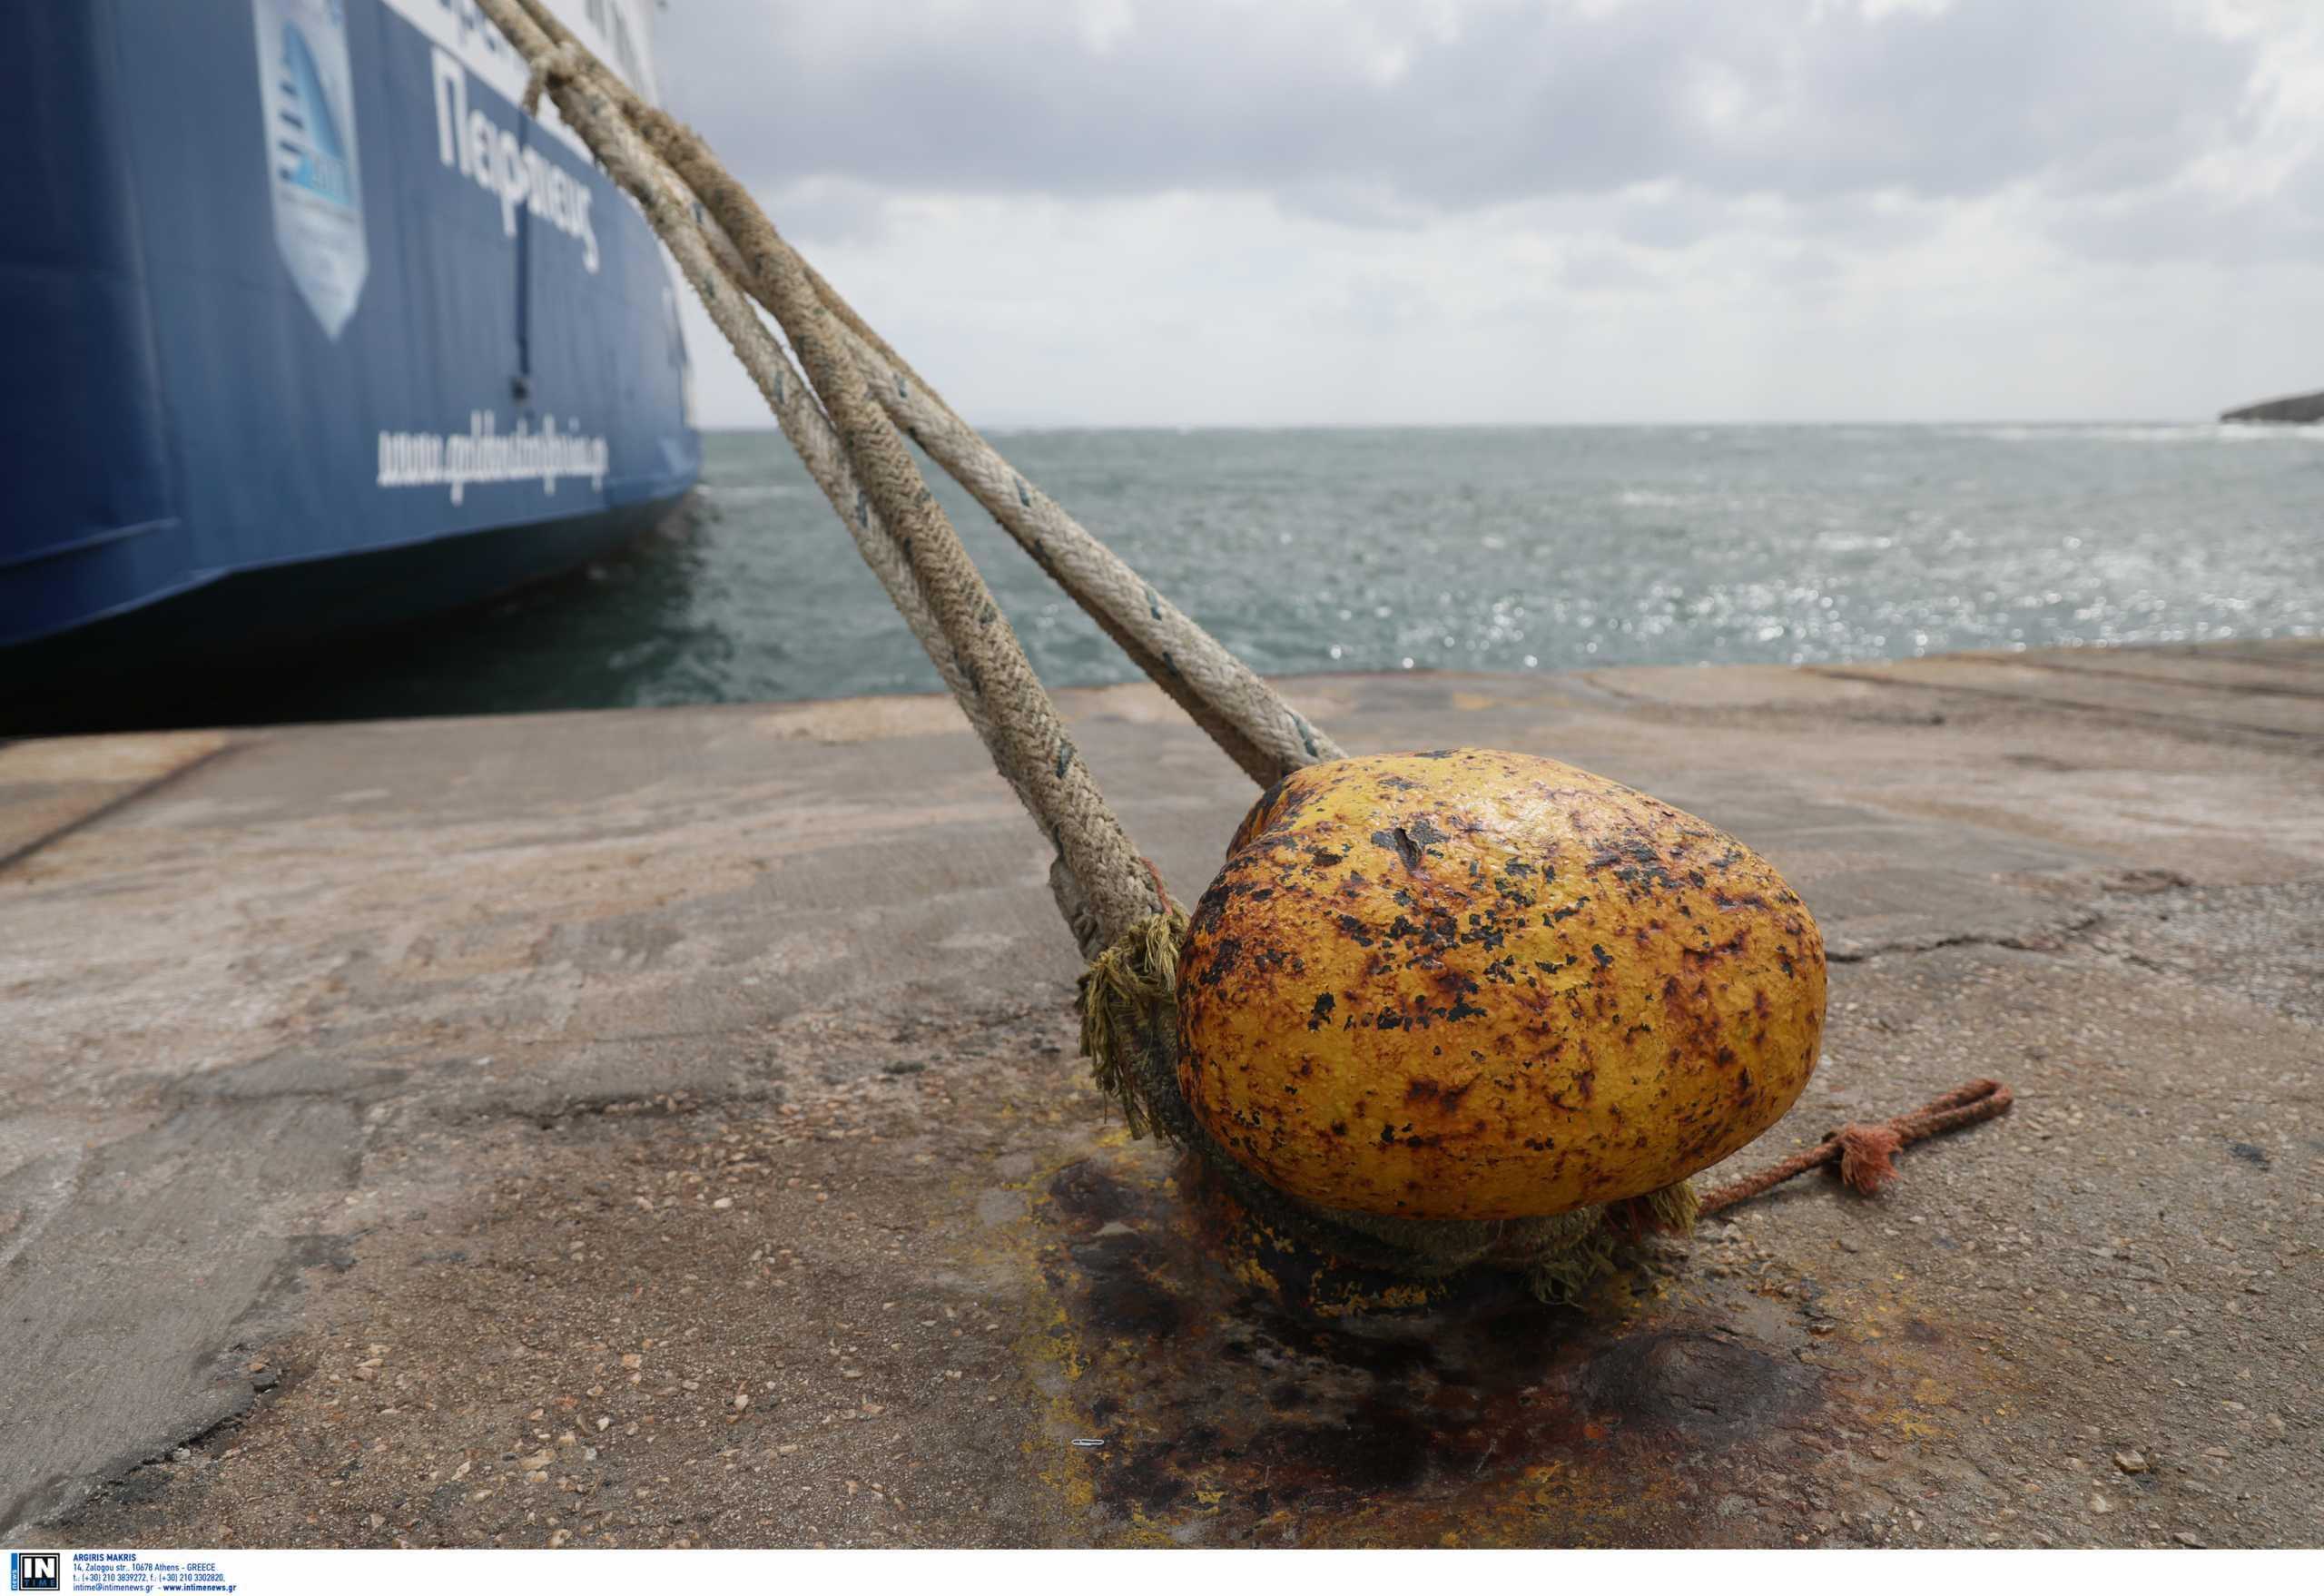 ΠΕΝΕΝ: 24ωρη απεργία σε όλες τις κατηγορίες πλοίων στις 3 Ιουνίου